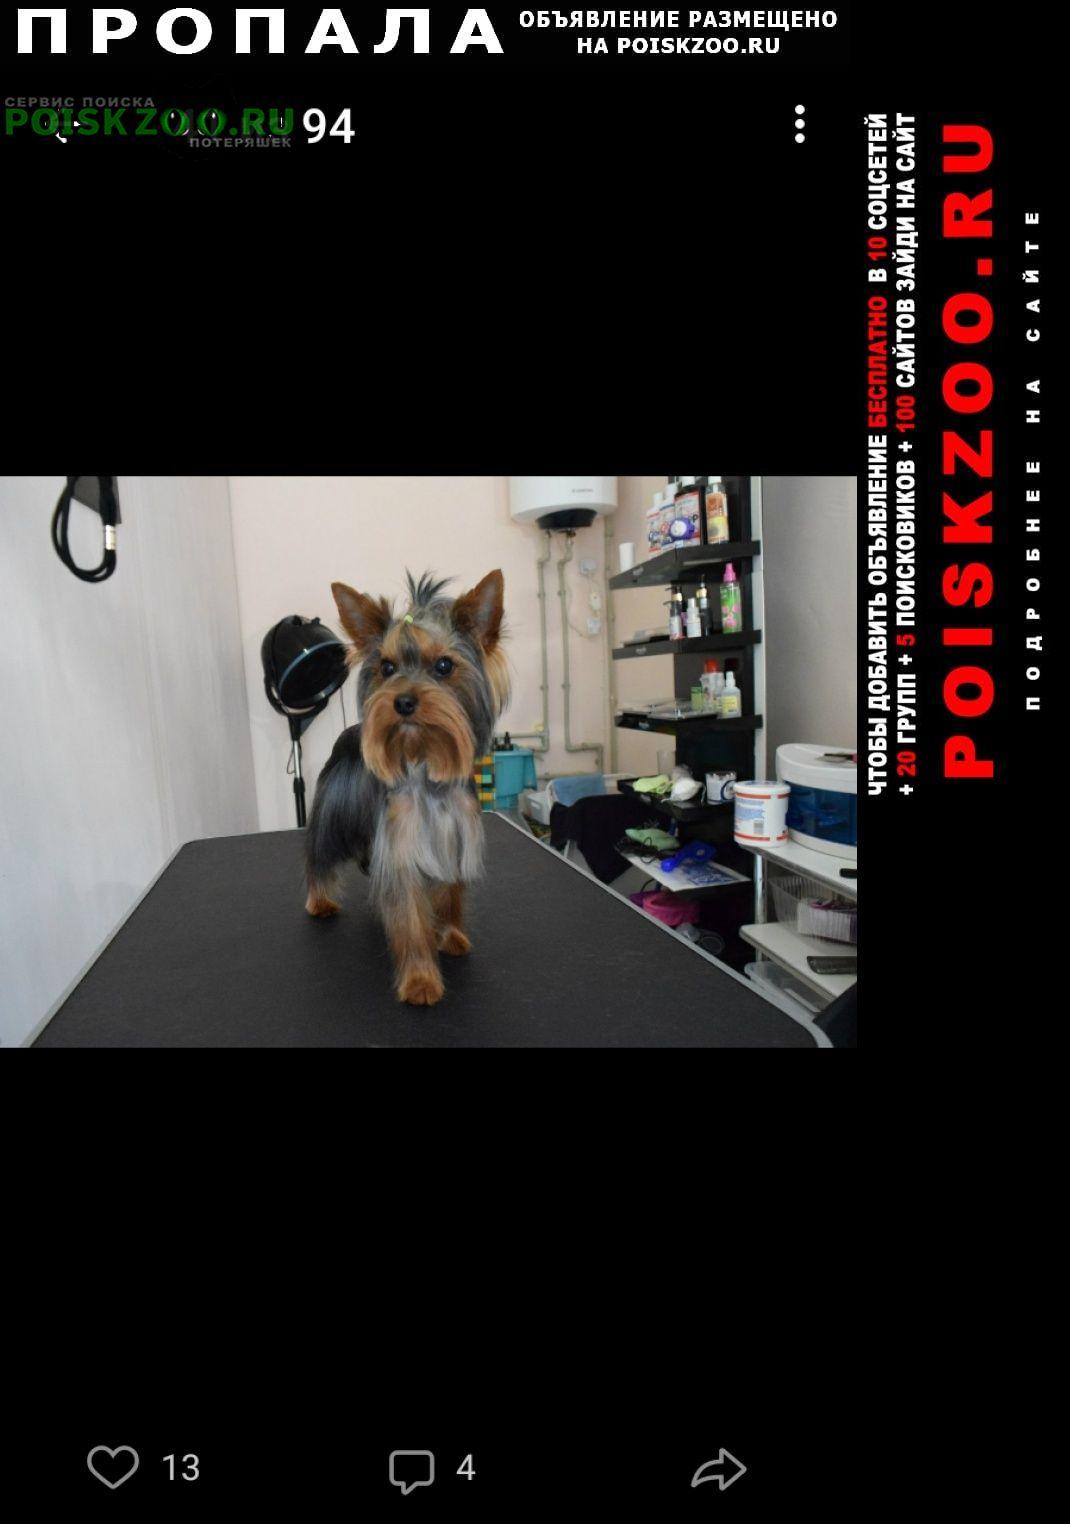 Дзержинск Пропала собака